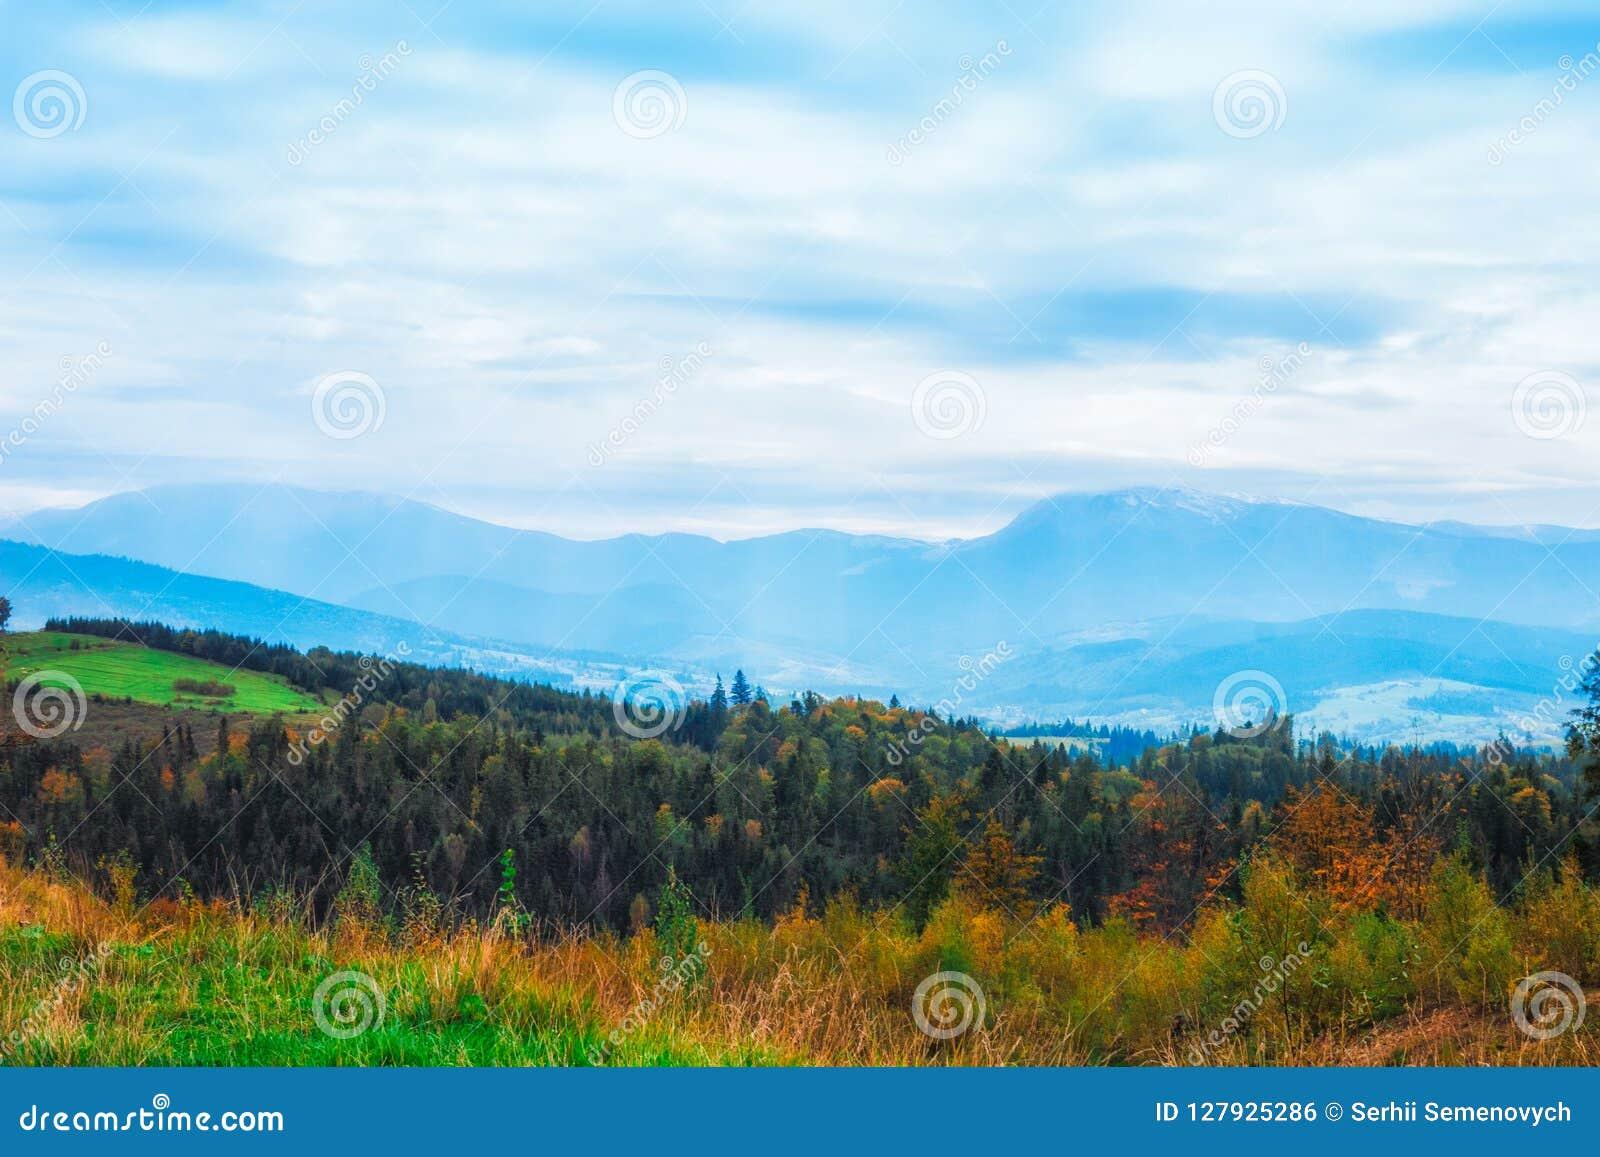 Amazing color of autumn iin the Ukrainian mountins